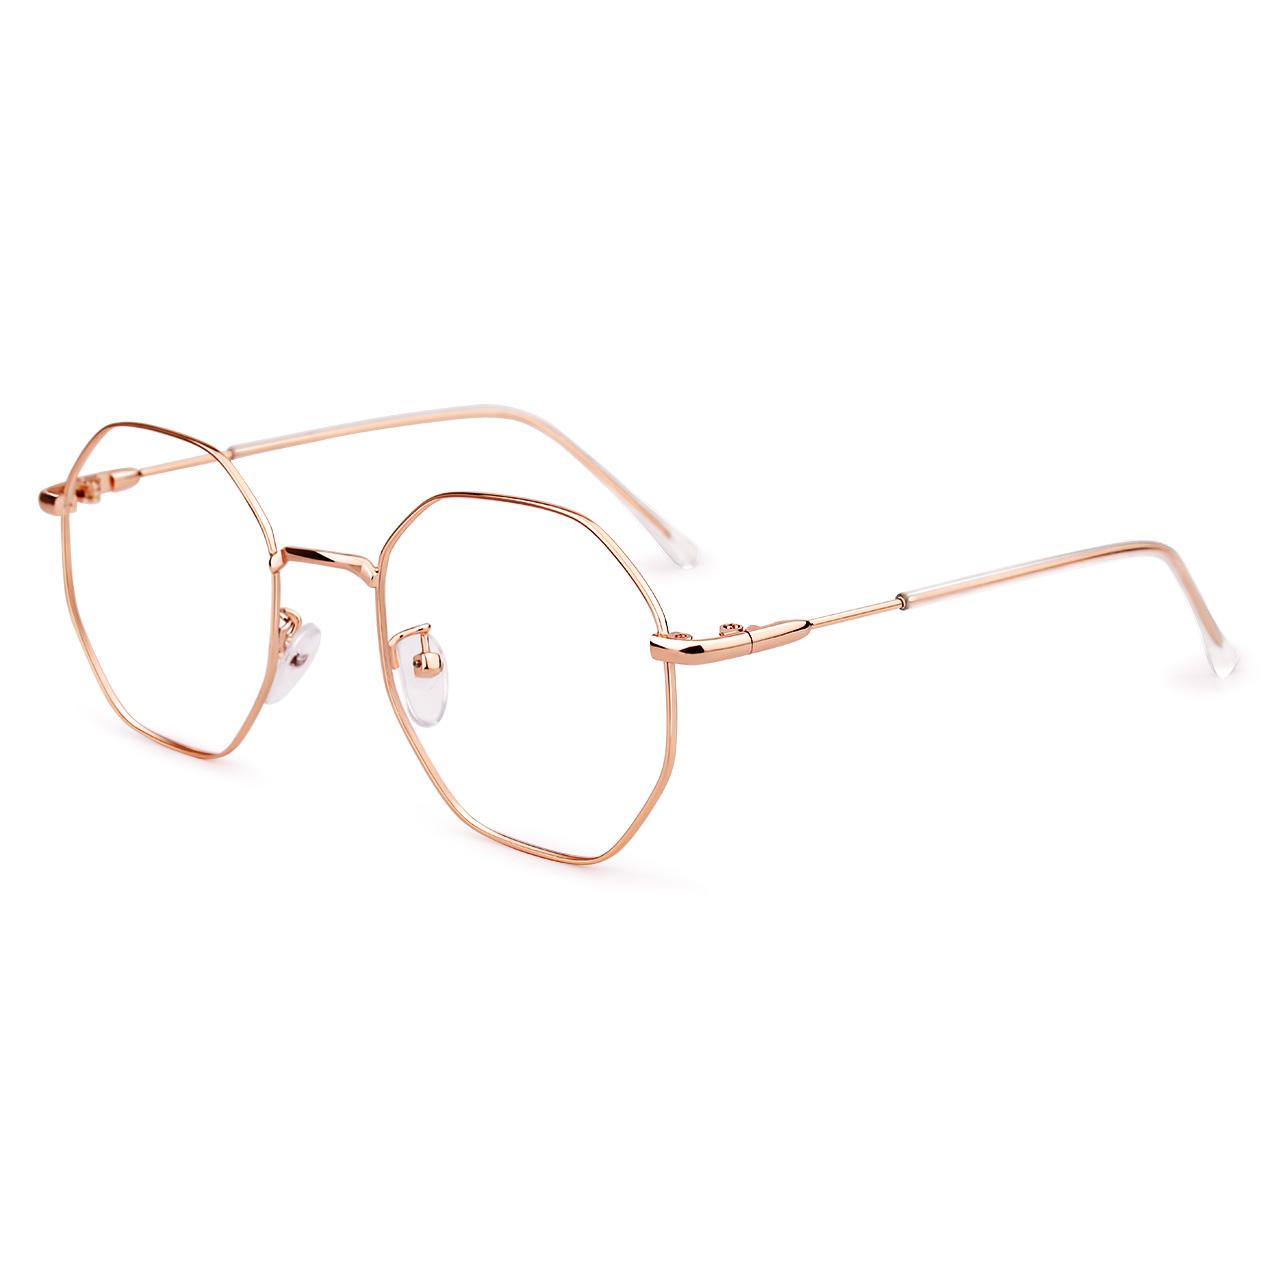 近视眼镜女韩版潮配有度数复古金丝多边形眼睛可配眼镜框网红款男